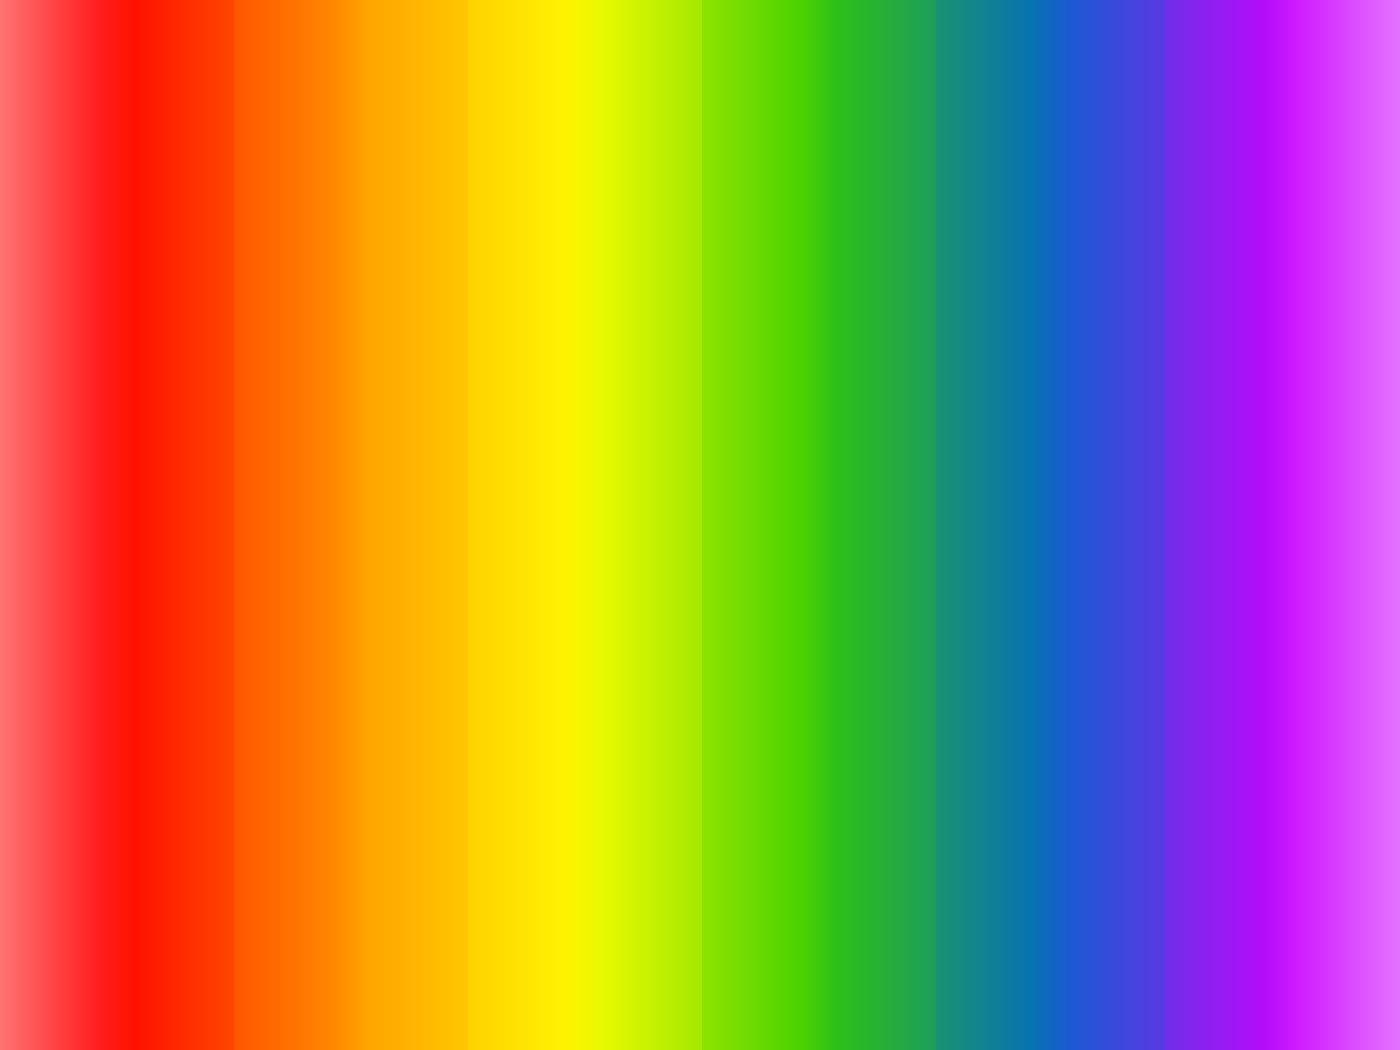 Fall Wallpaper Die Farben Des Regenbogens Kostenlose Bilder